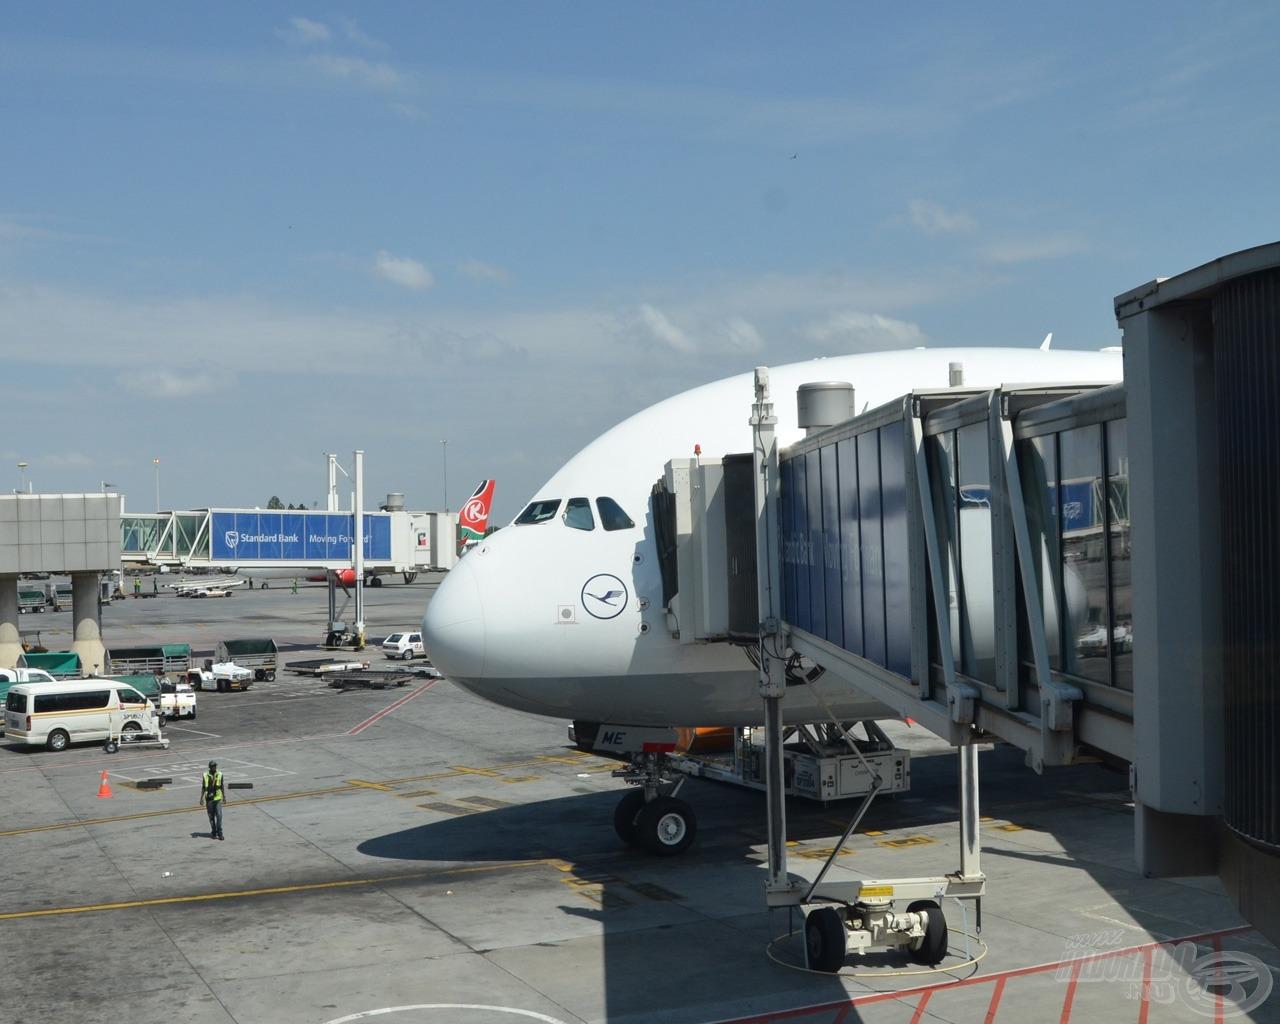 A hosszú repülős út izgalommal volt tele, vajon minden rendben megérkezik?